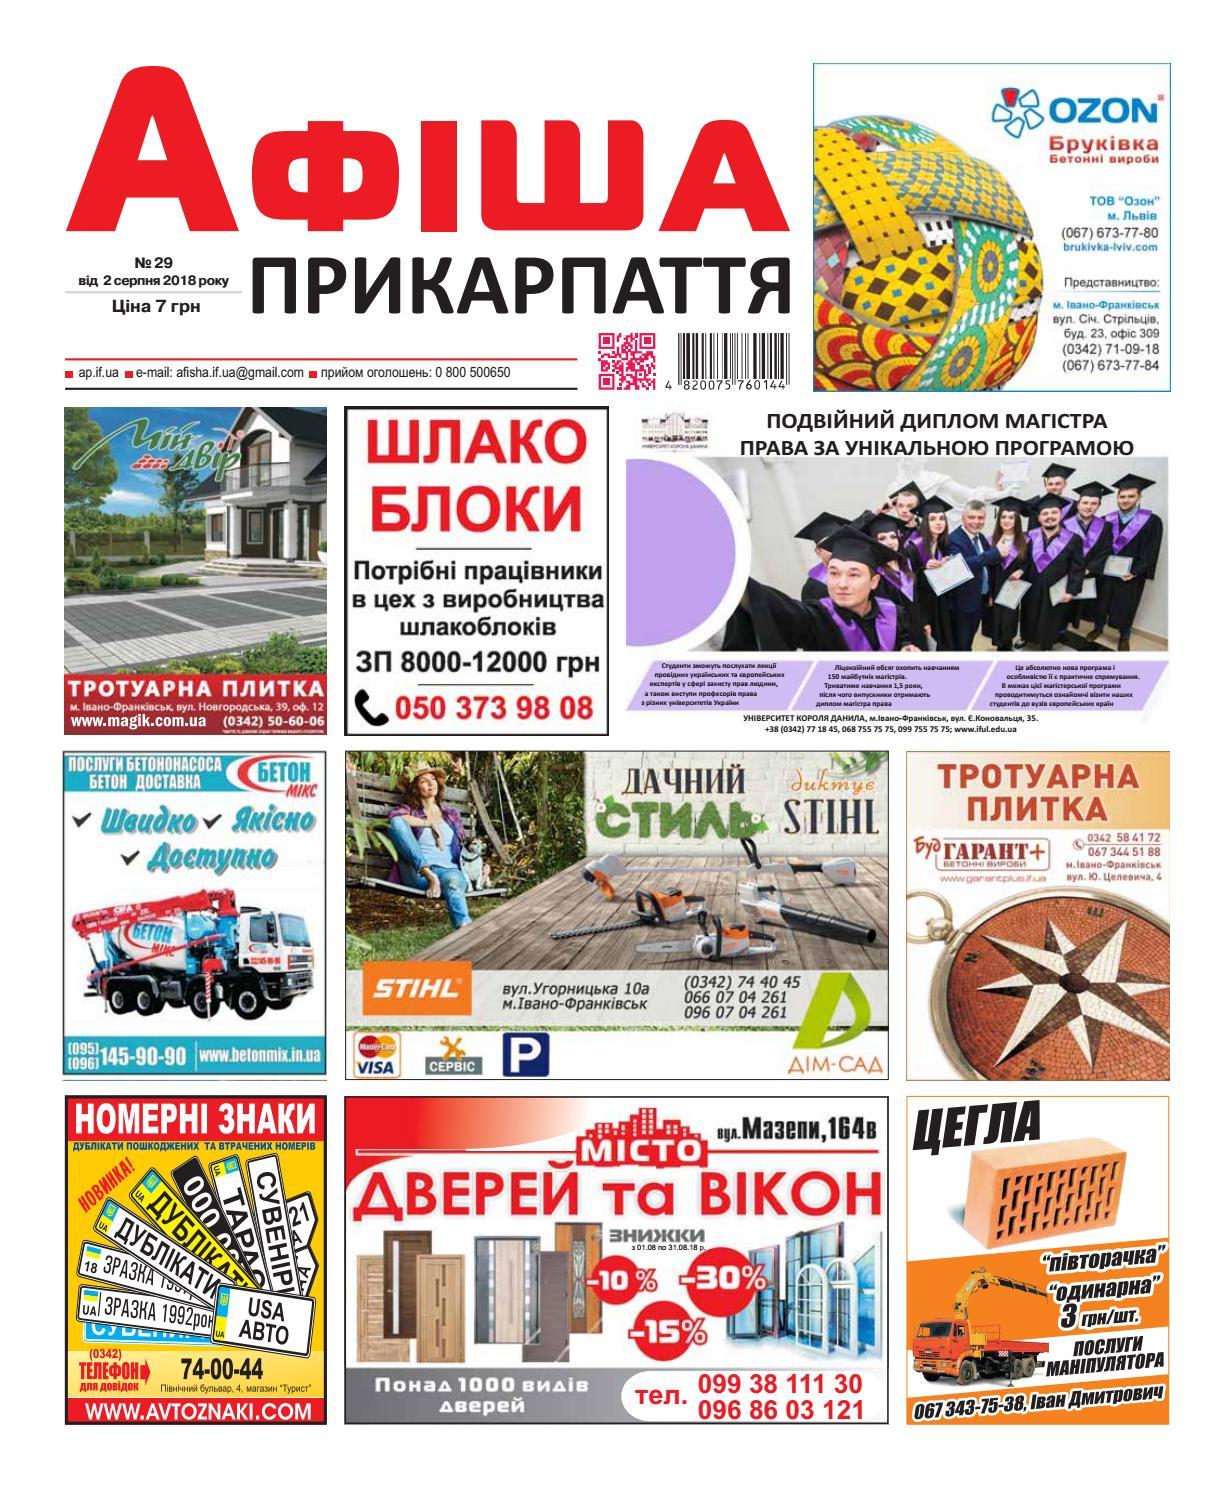 Афіша Прикарпаття №29 by Olya Olya - issuu 86478c461dbdf